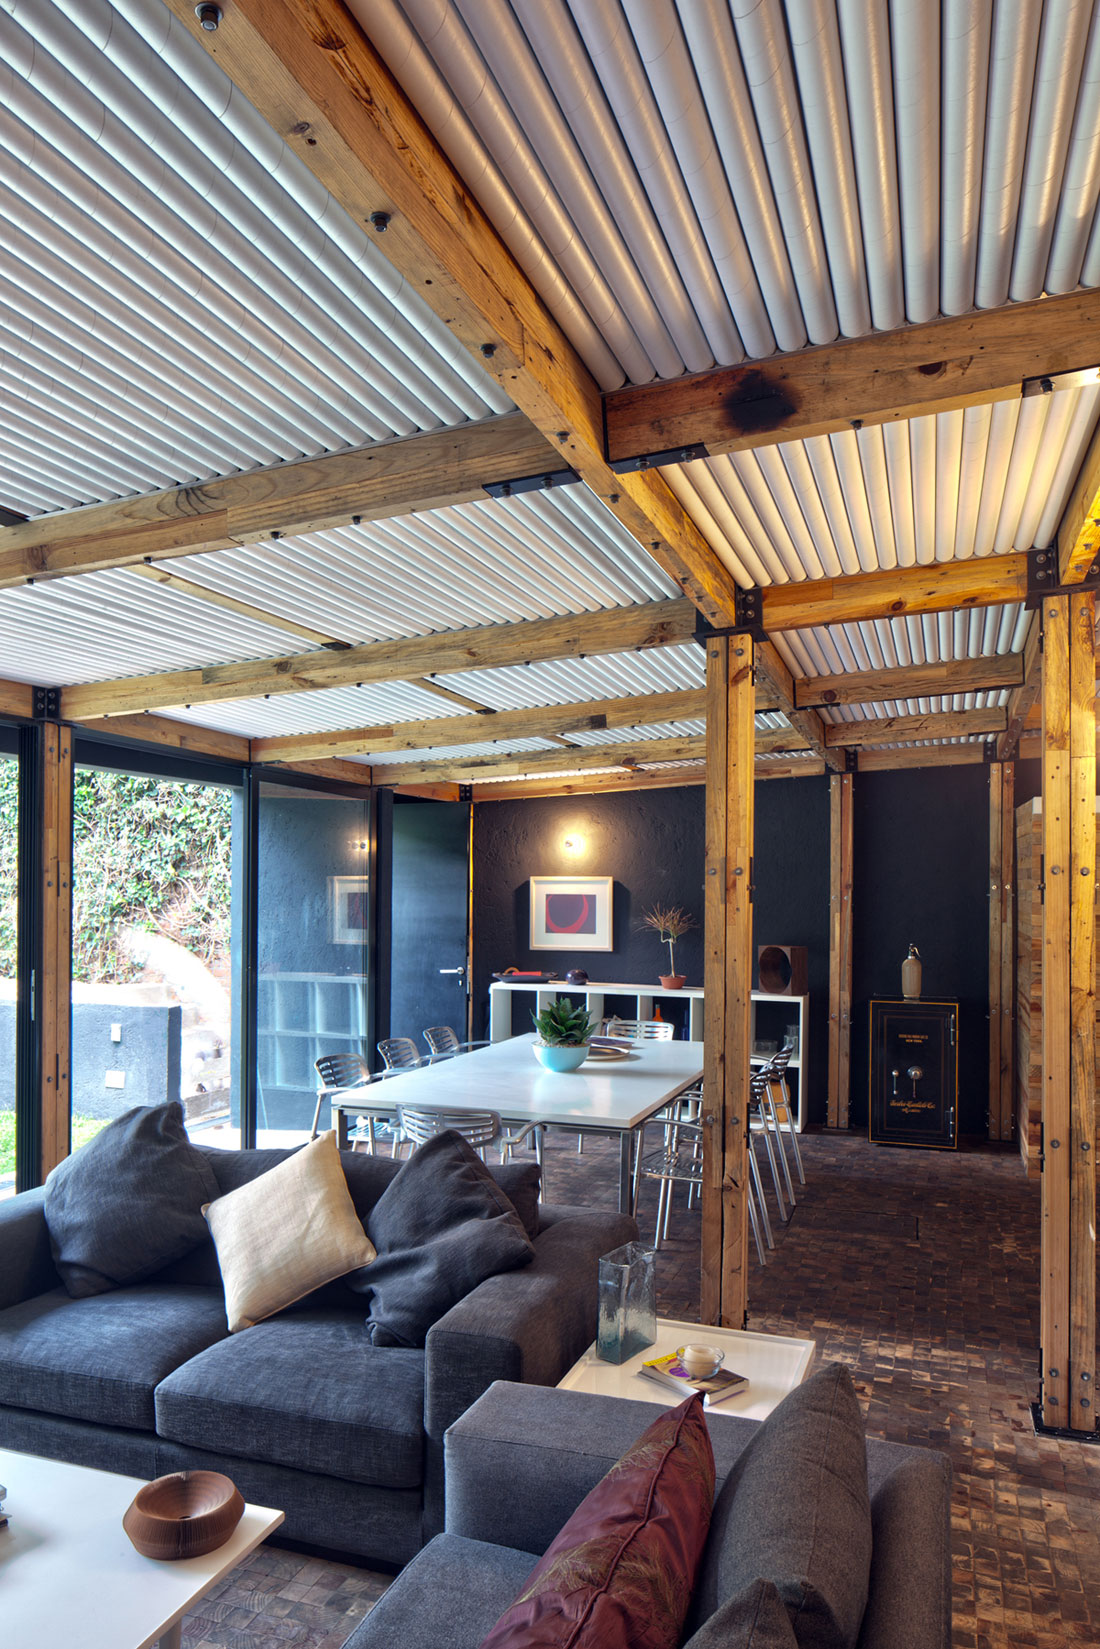 Дома из стекла и дерева: яркий и комфортабельный проект Casa Calero